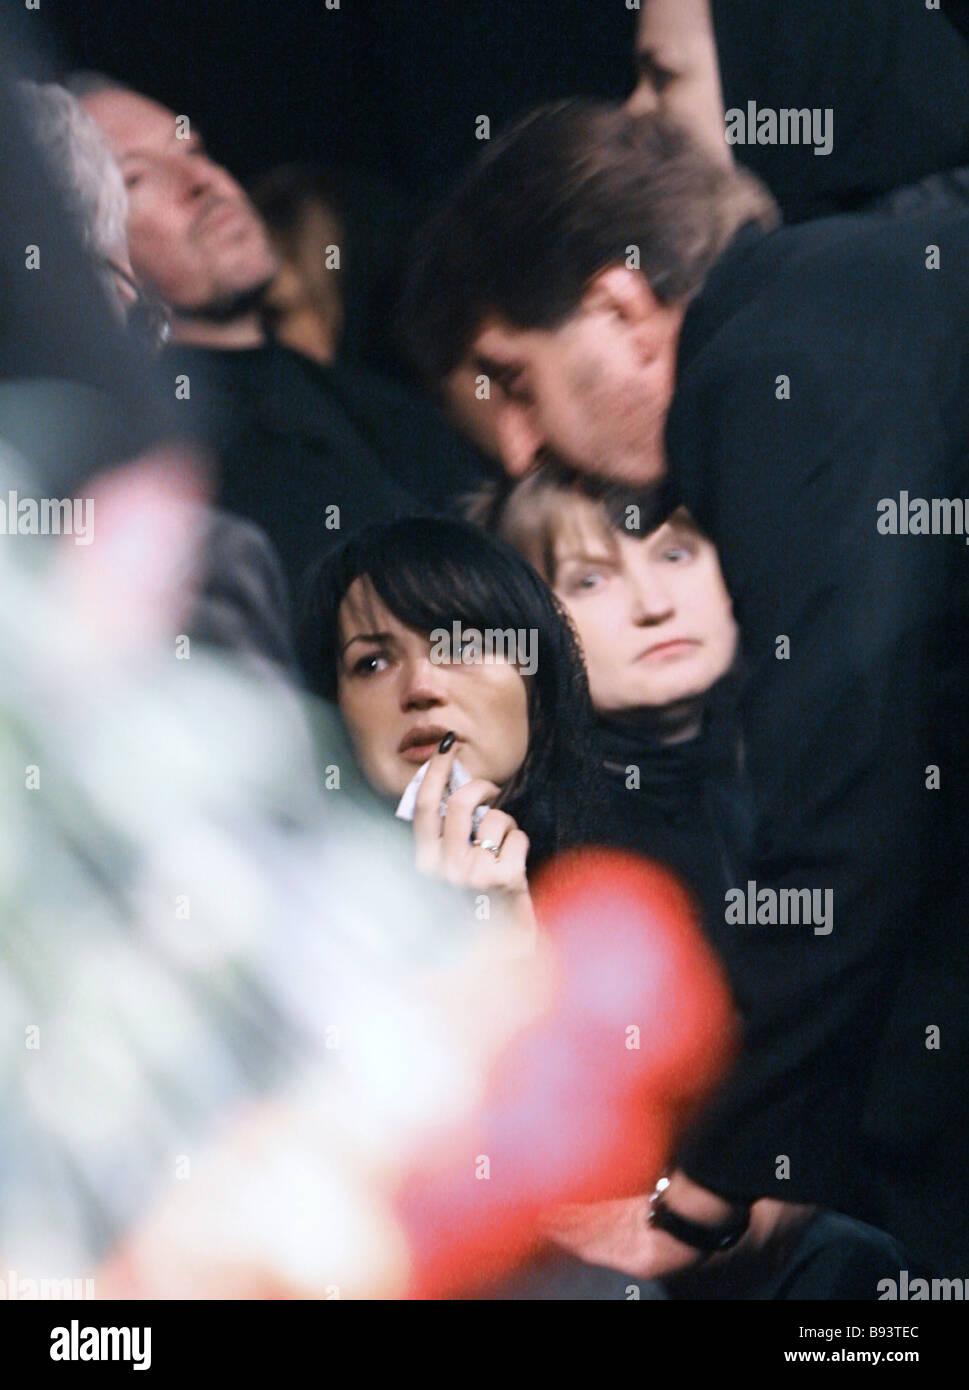 The widow of Andrei Krasko is getting married 08/10/2010 6